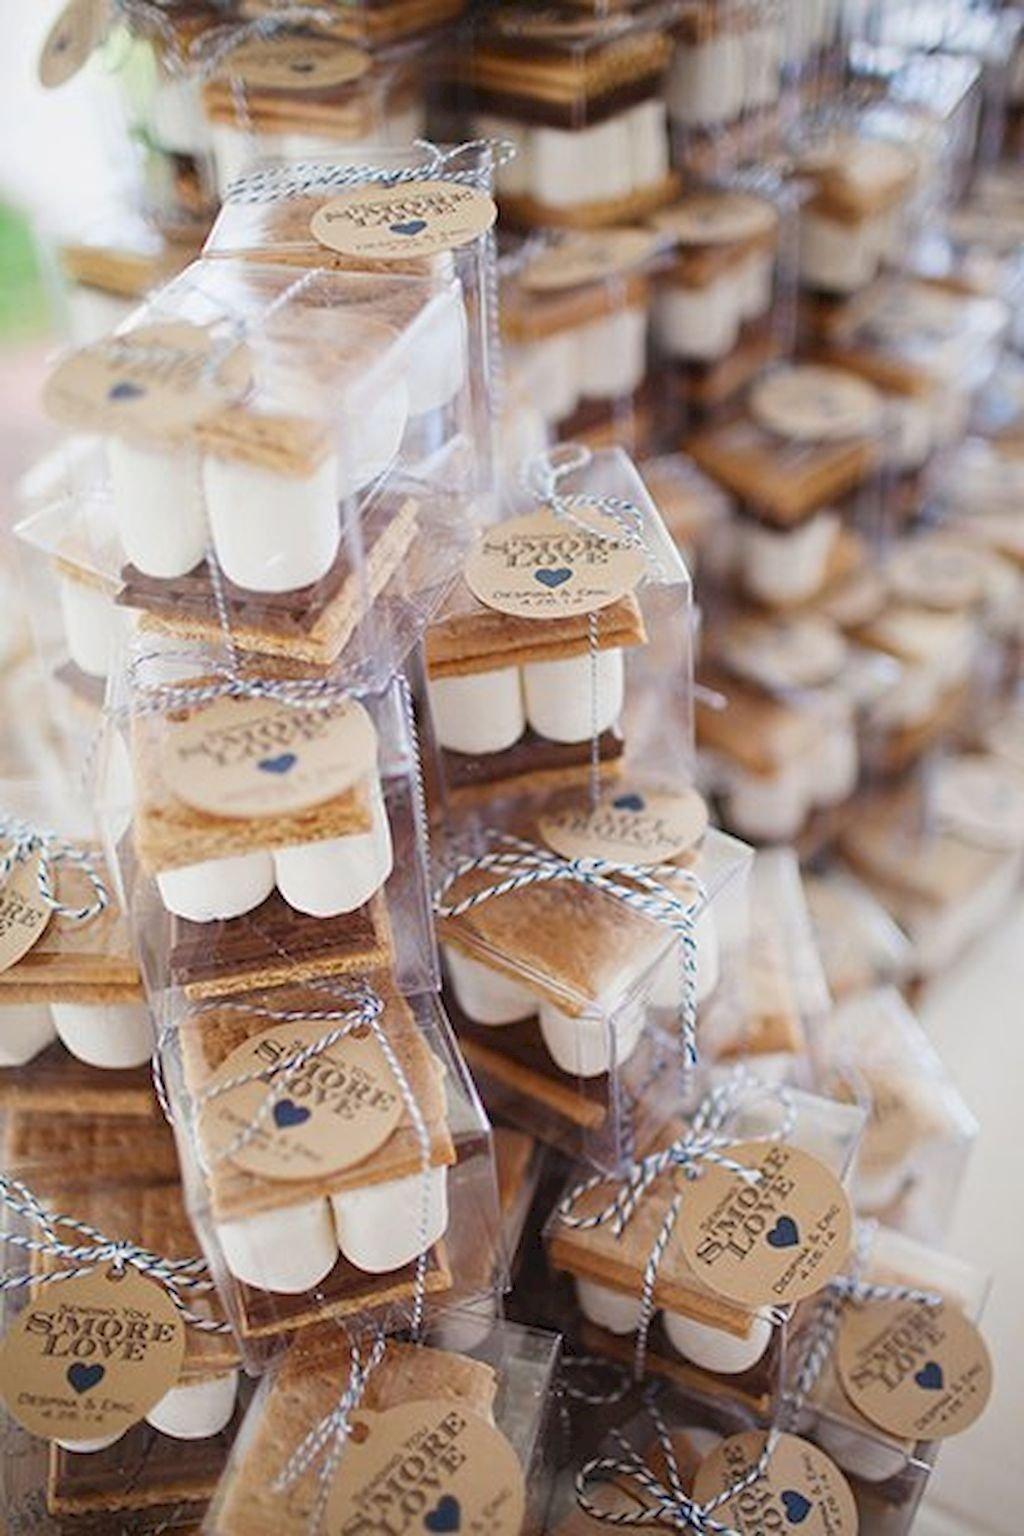 10 Pretty Fun Wedding Ideas On A Budget 36 amazing fall outdoor wedding ideas on a budget budgeting nice 1 2020